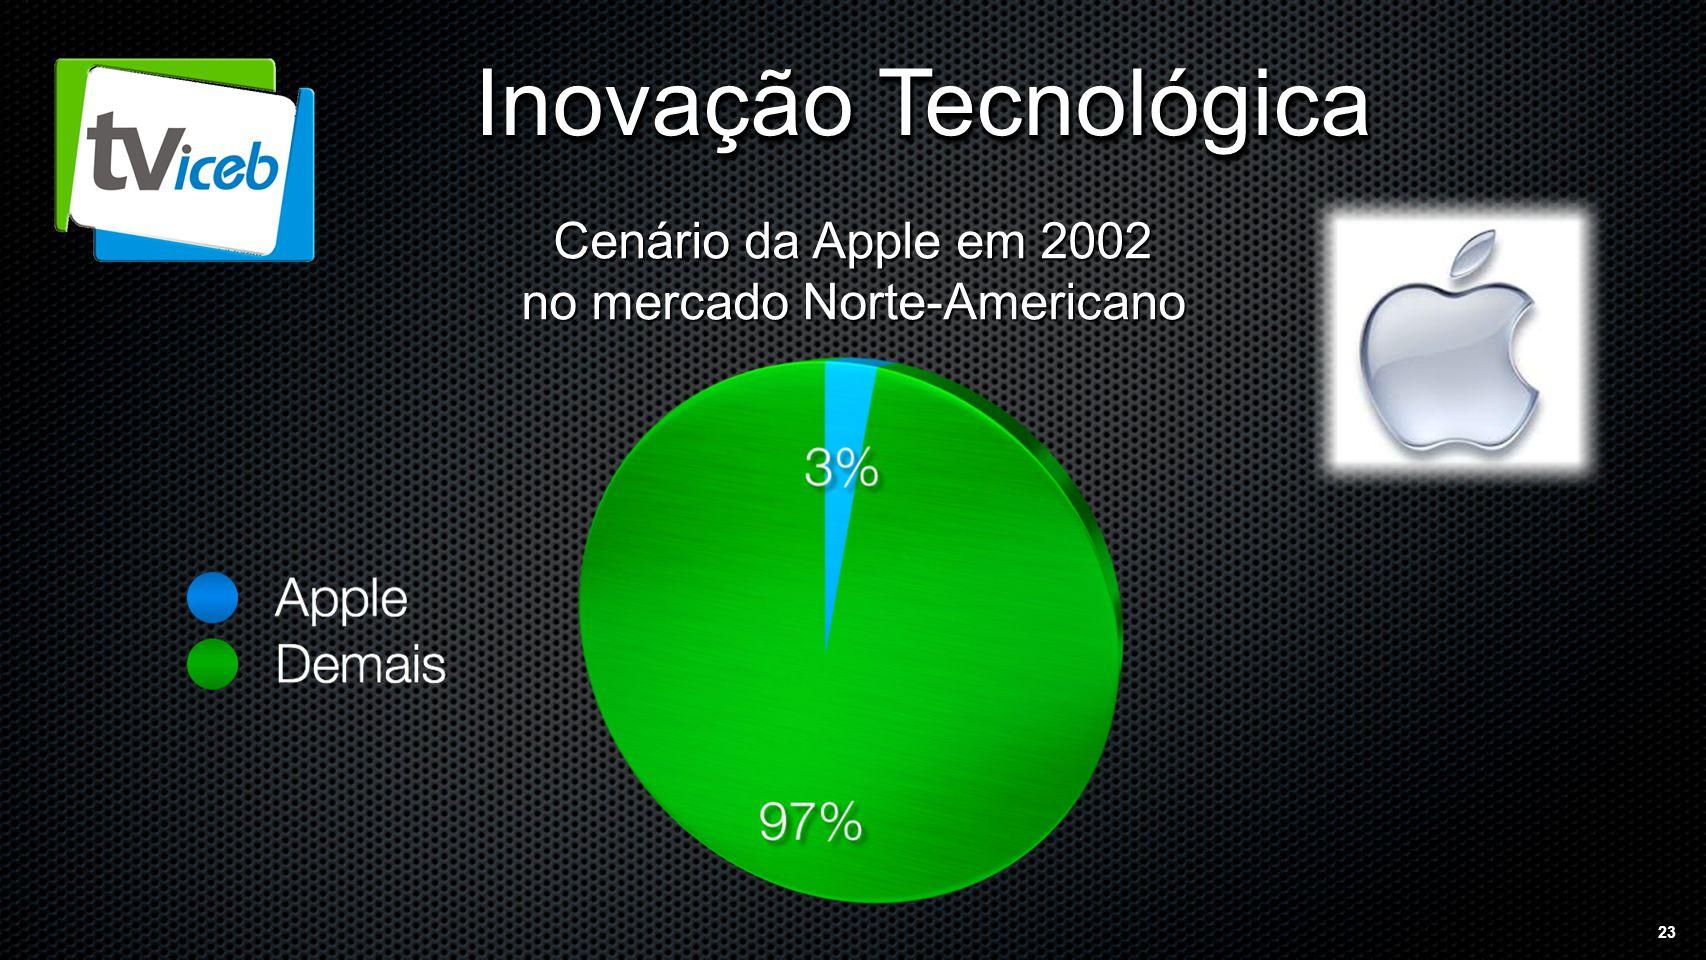 23 Inovação Tecnológica Cenário da Apple em 2002 no mercado Norte-Americano